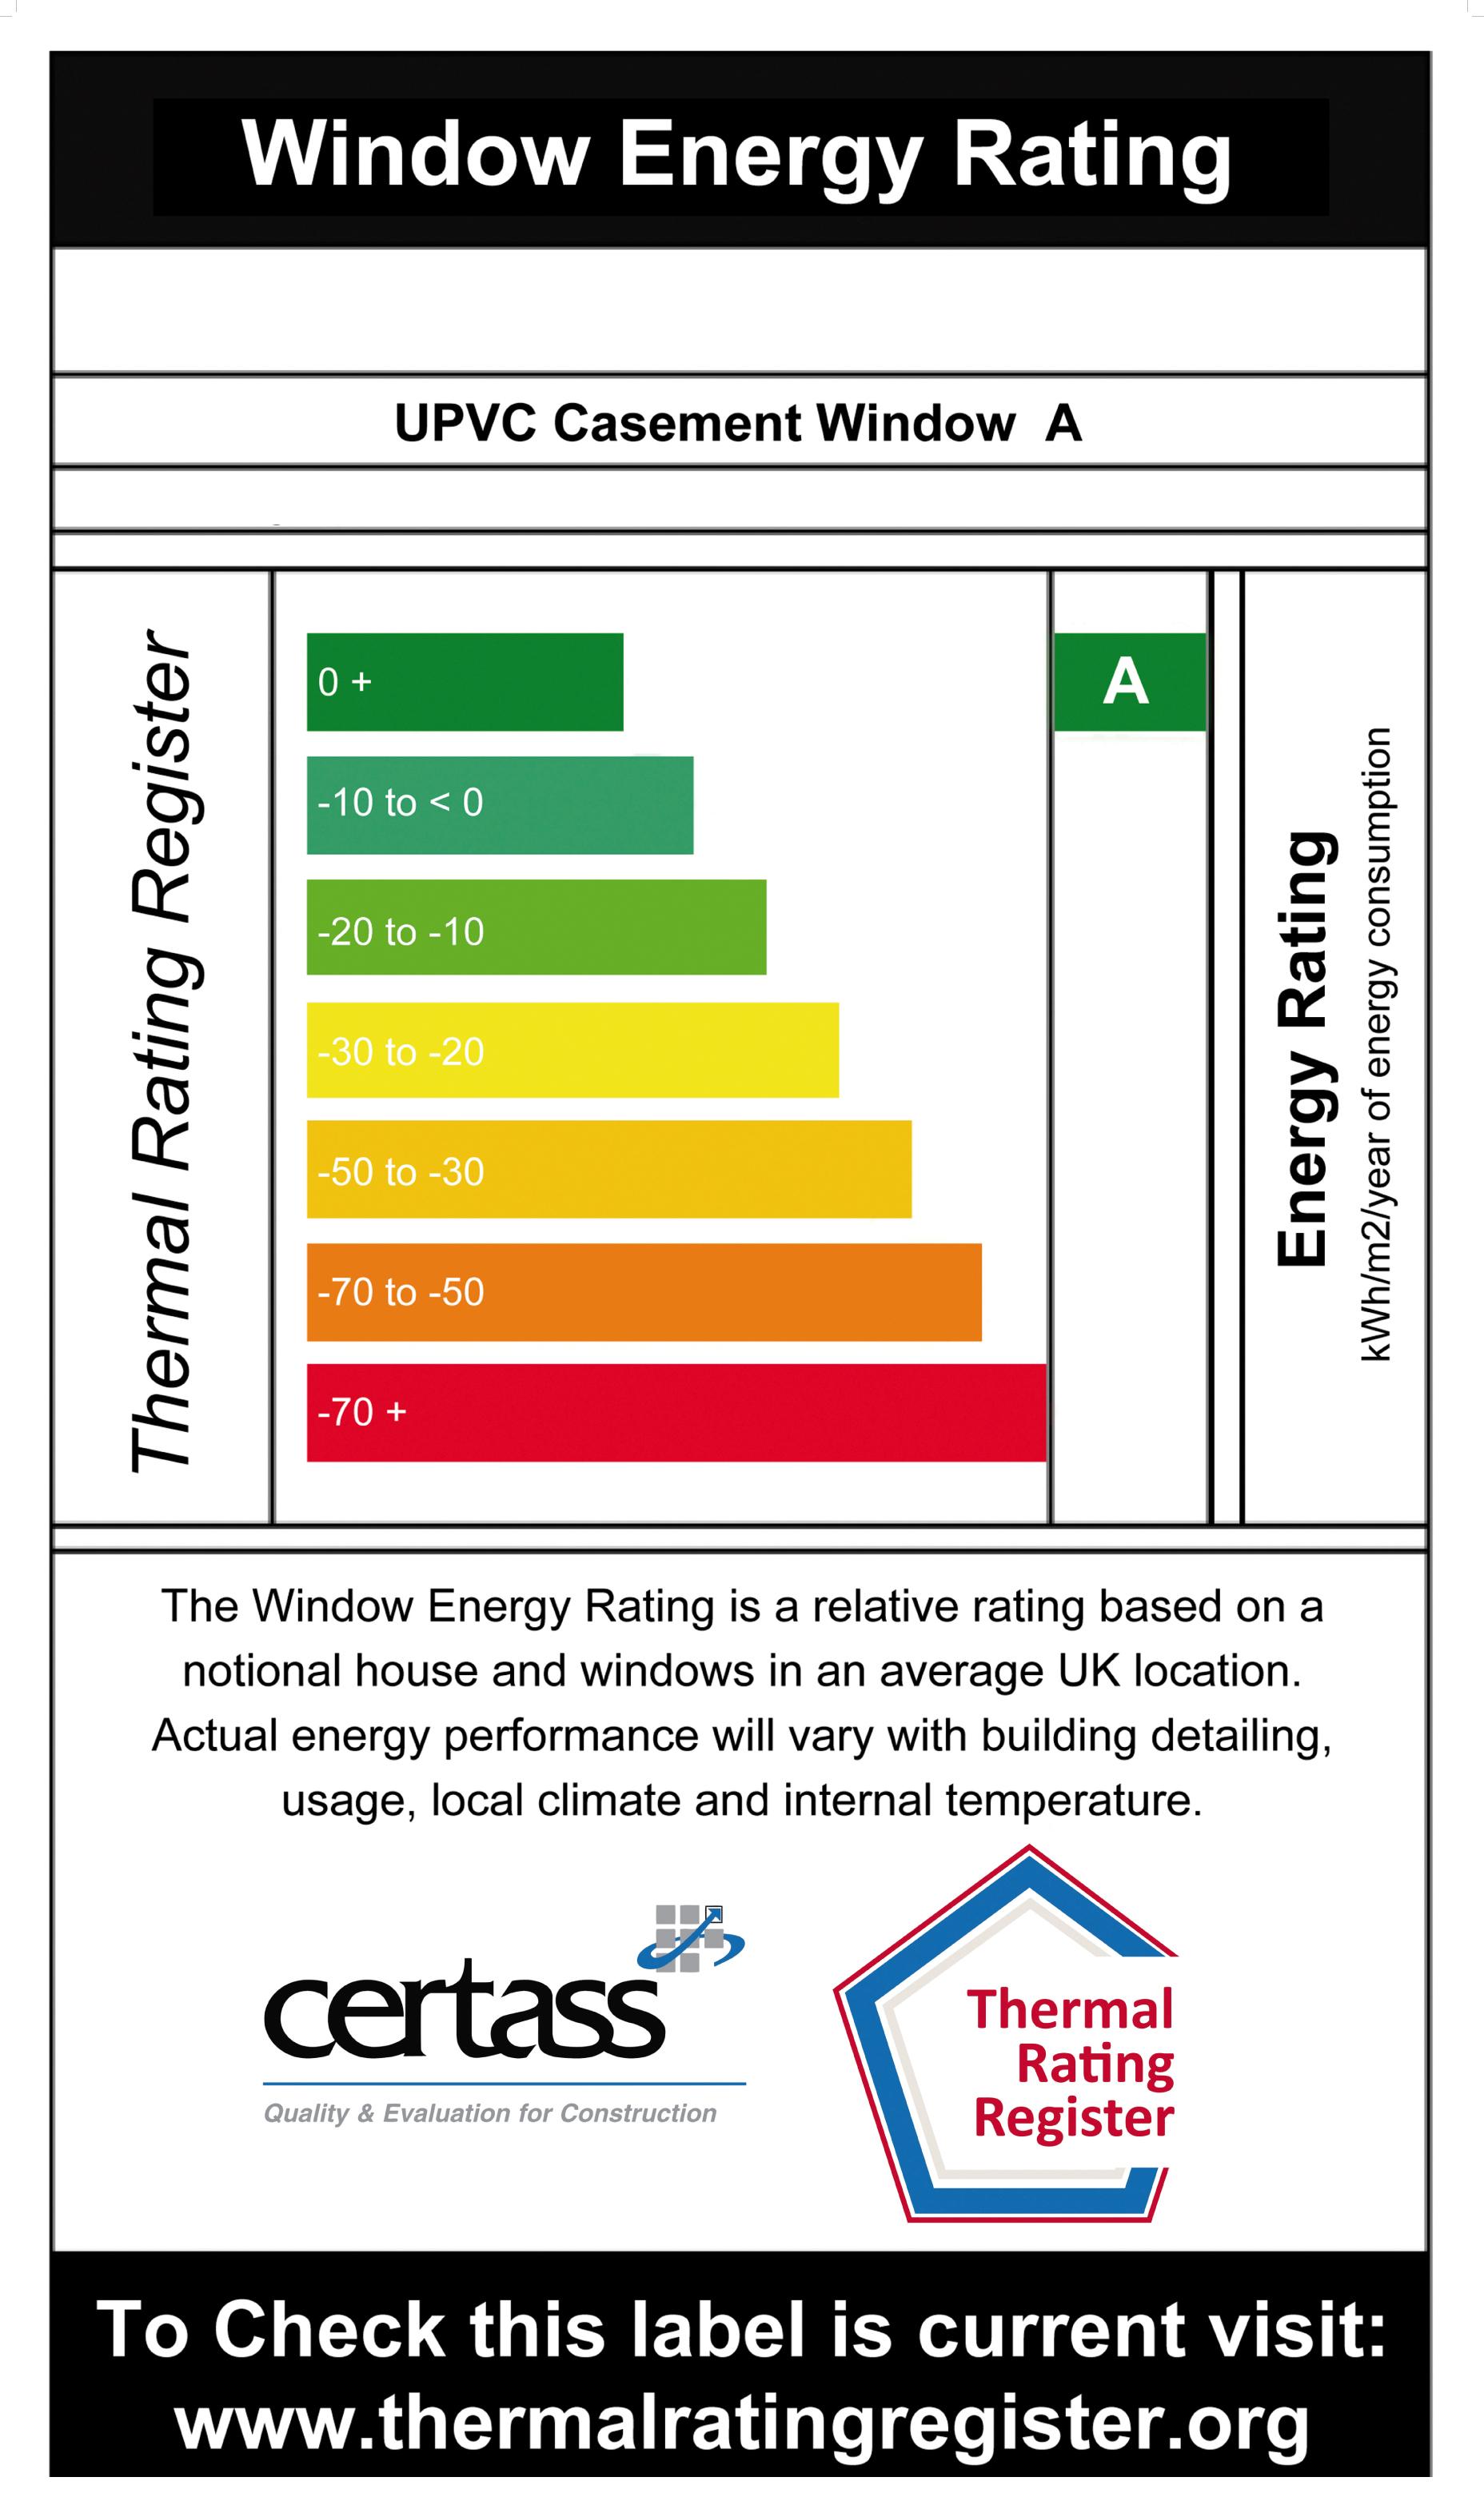 Window energy ratings